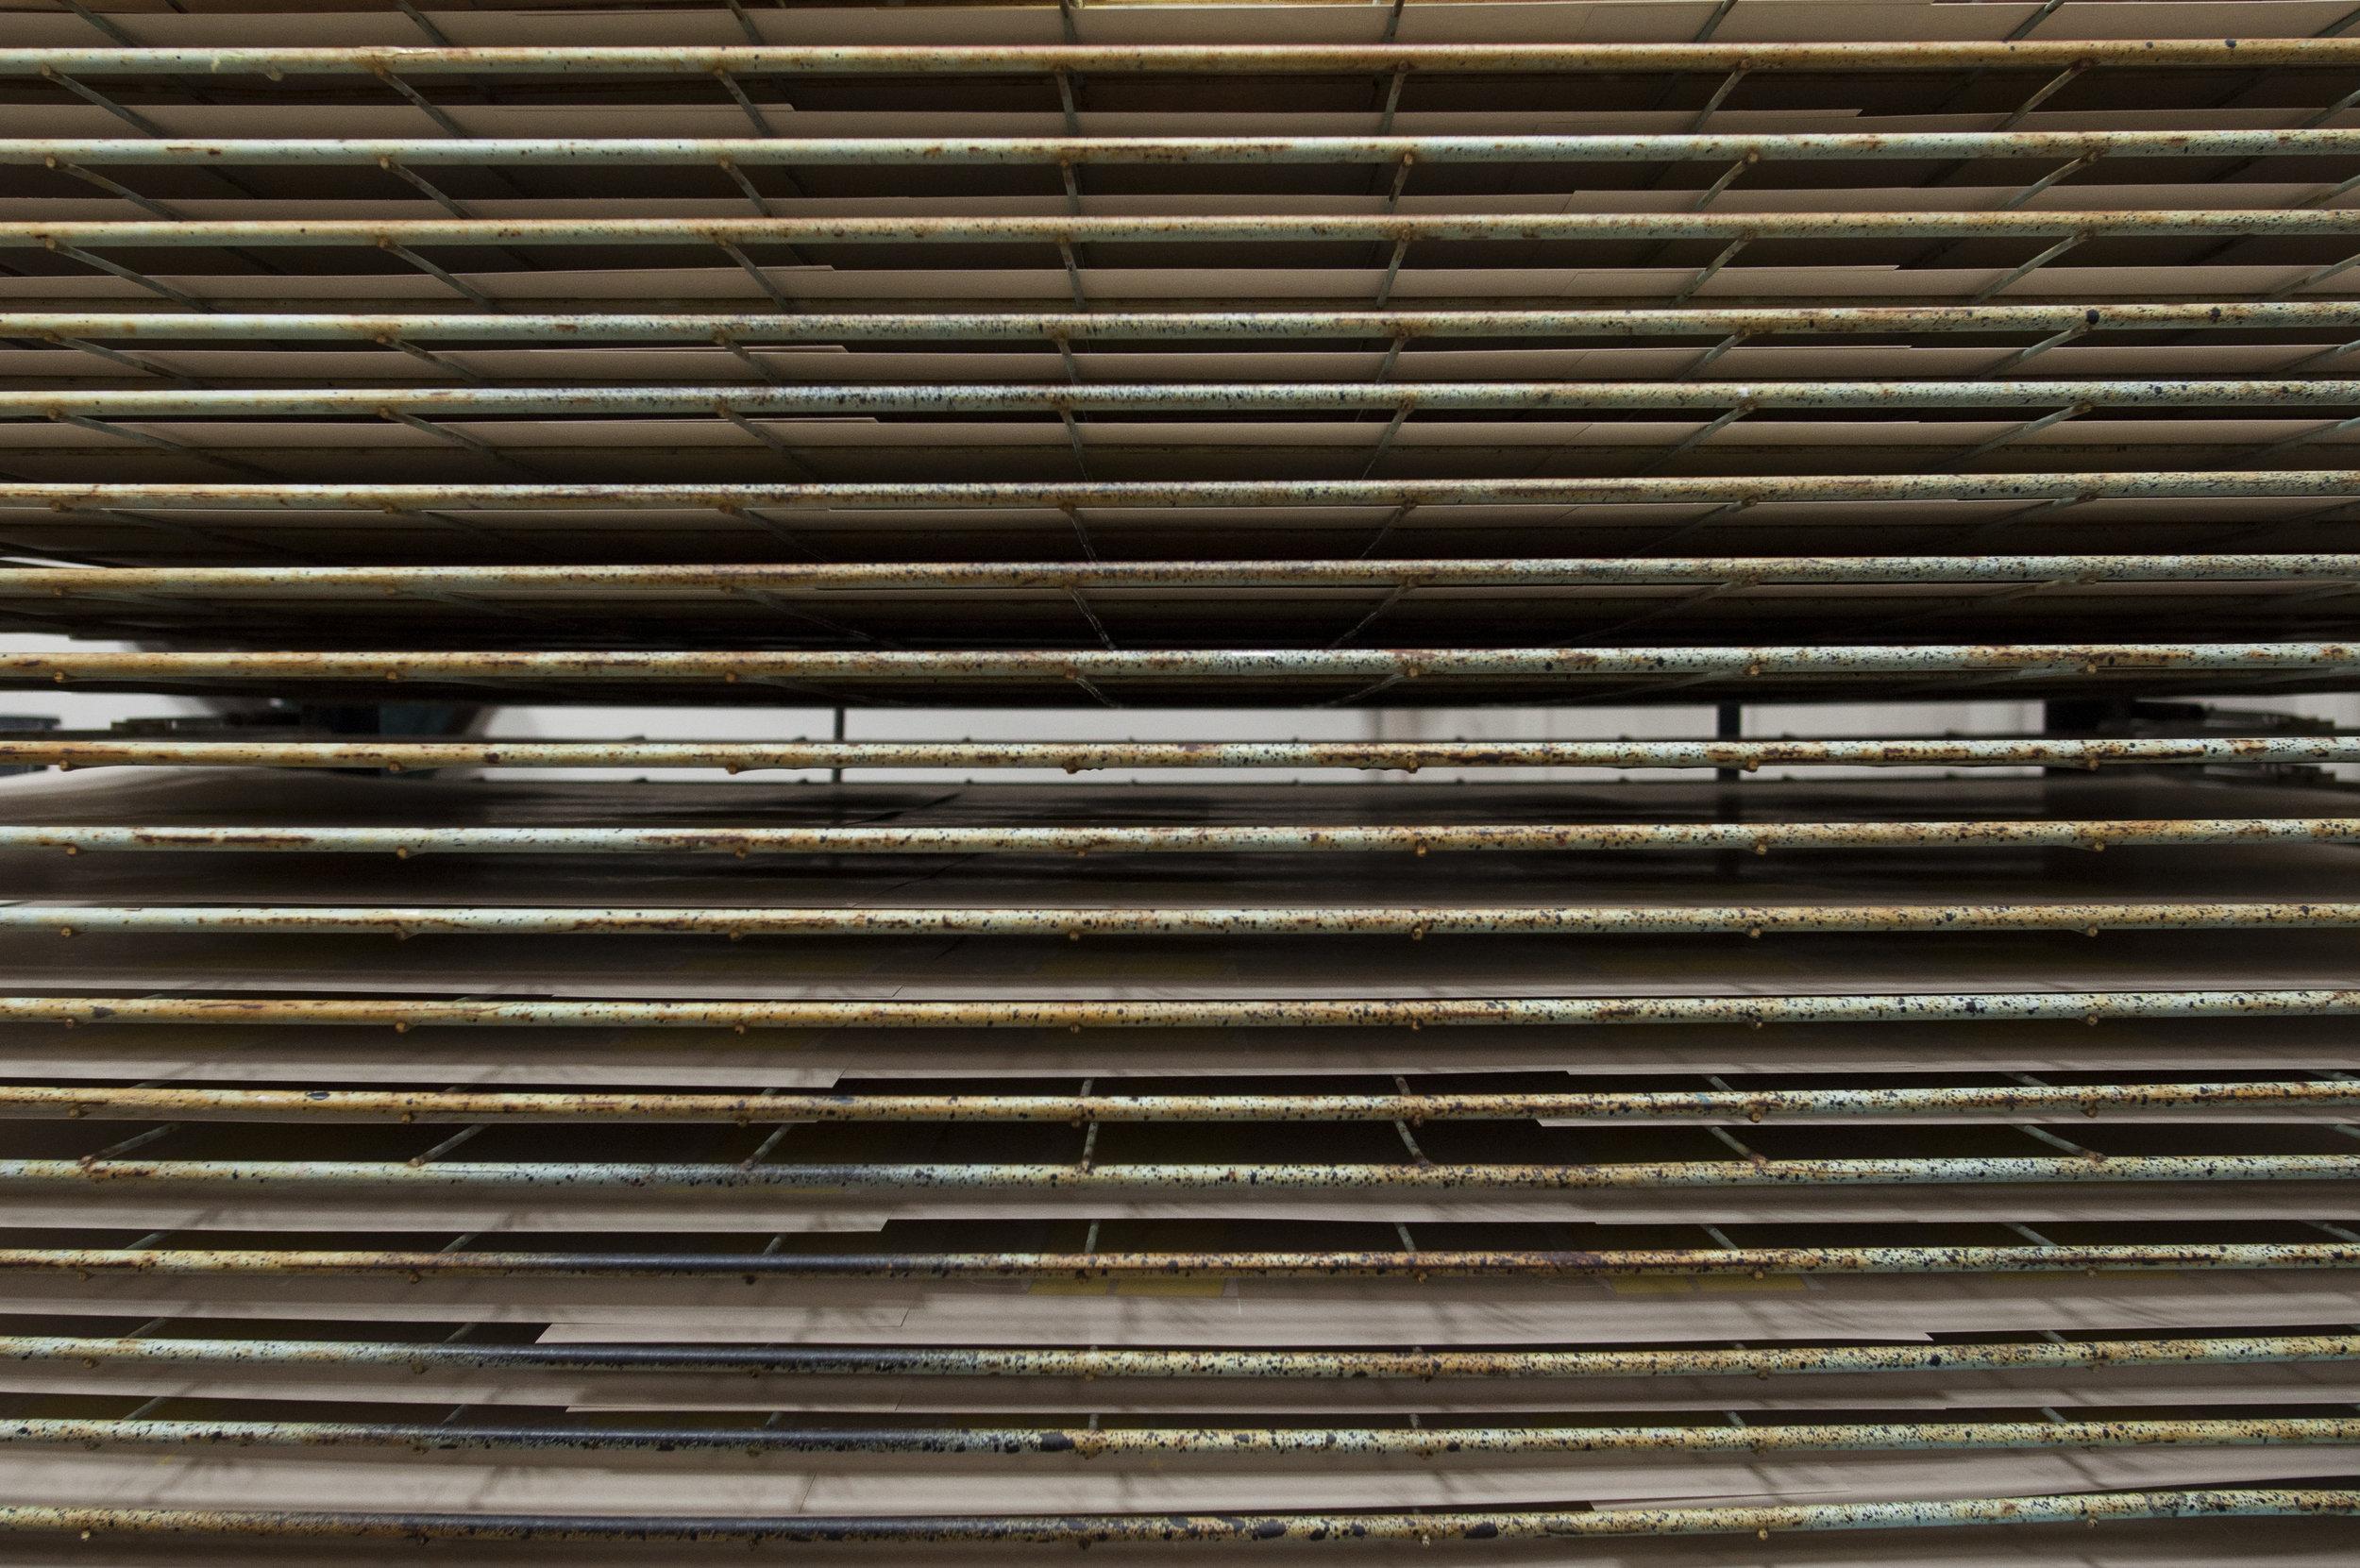 drying rack.jpg